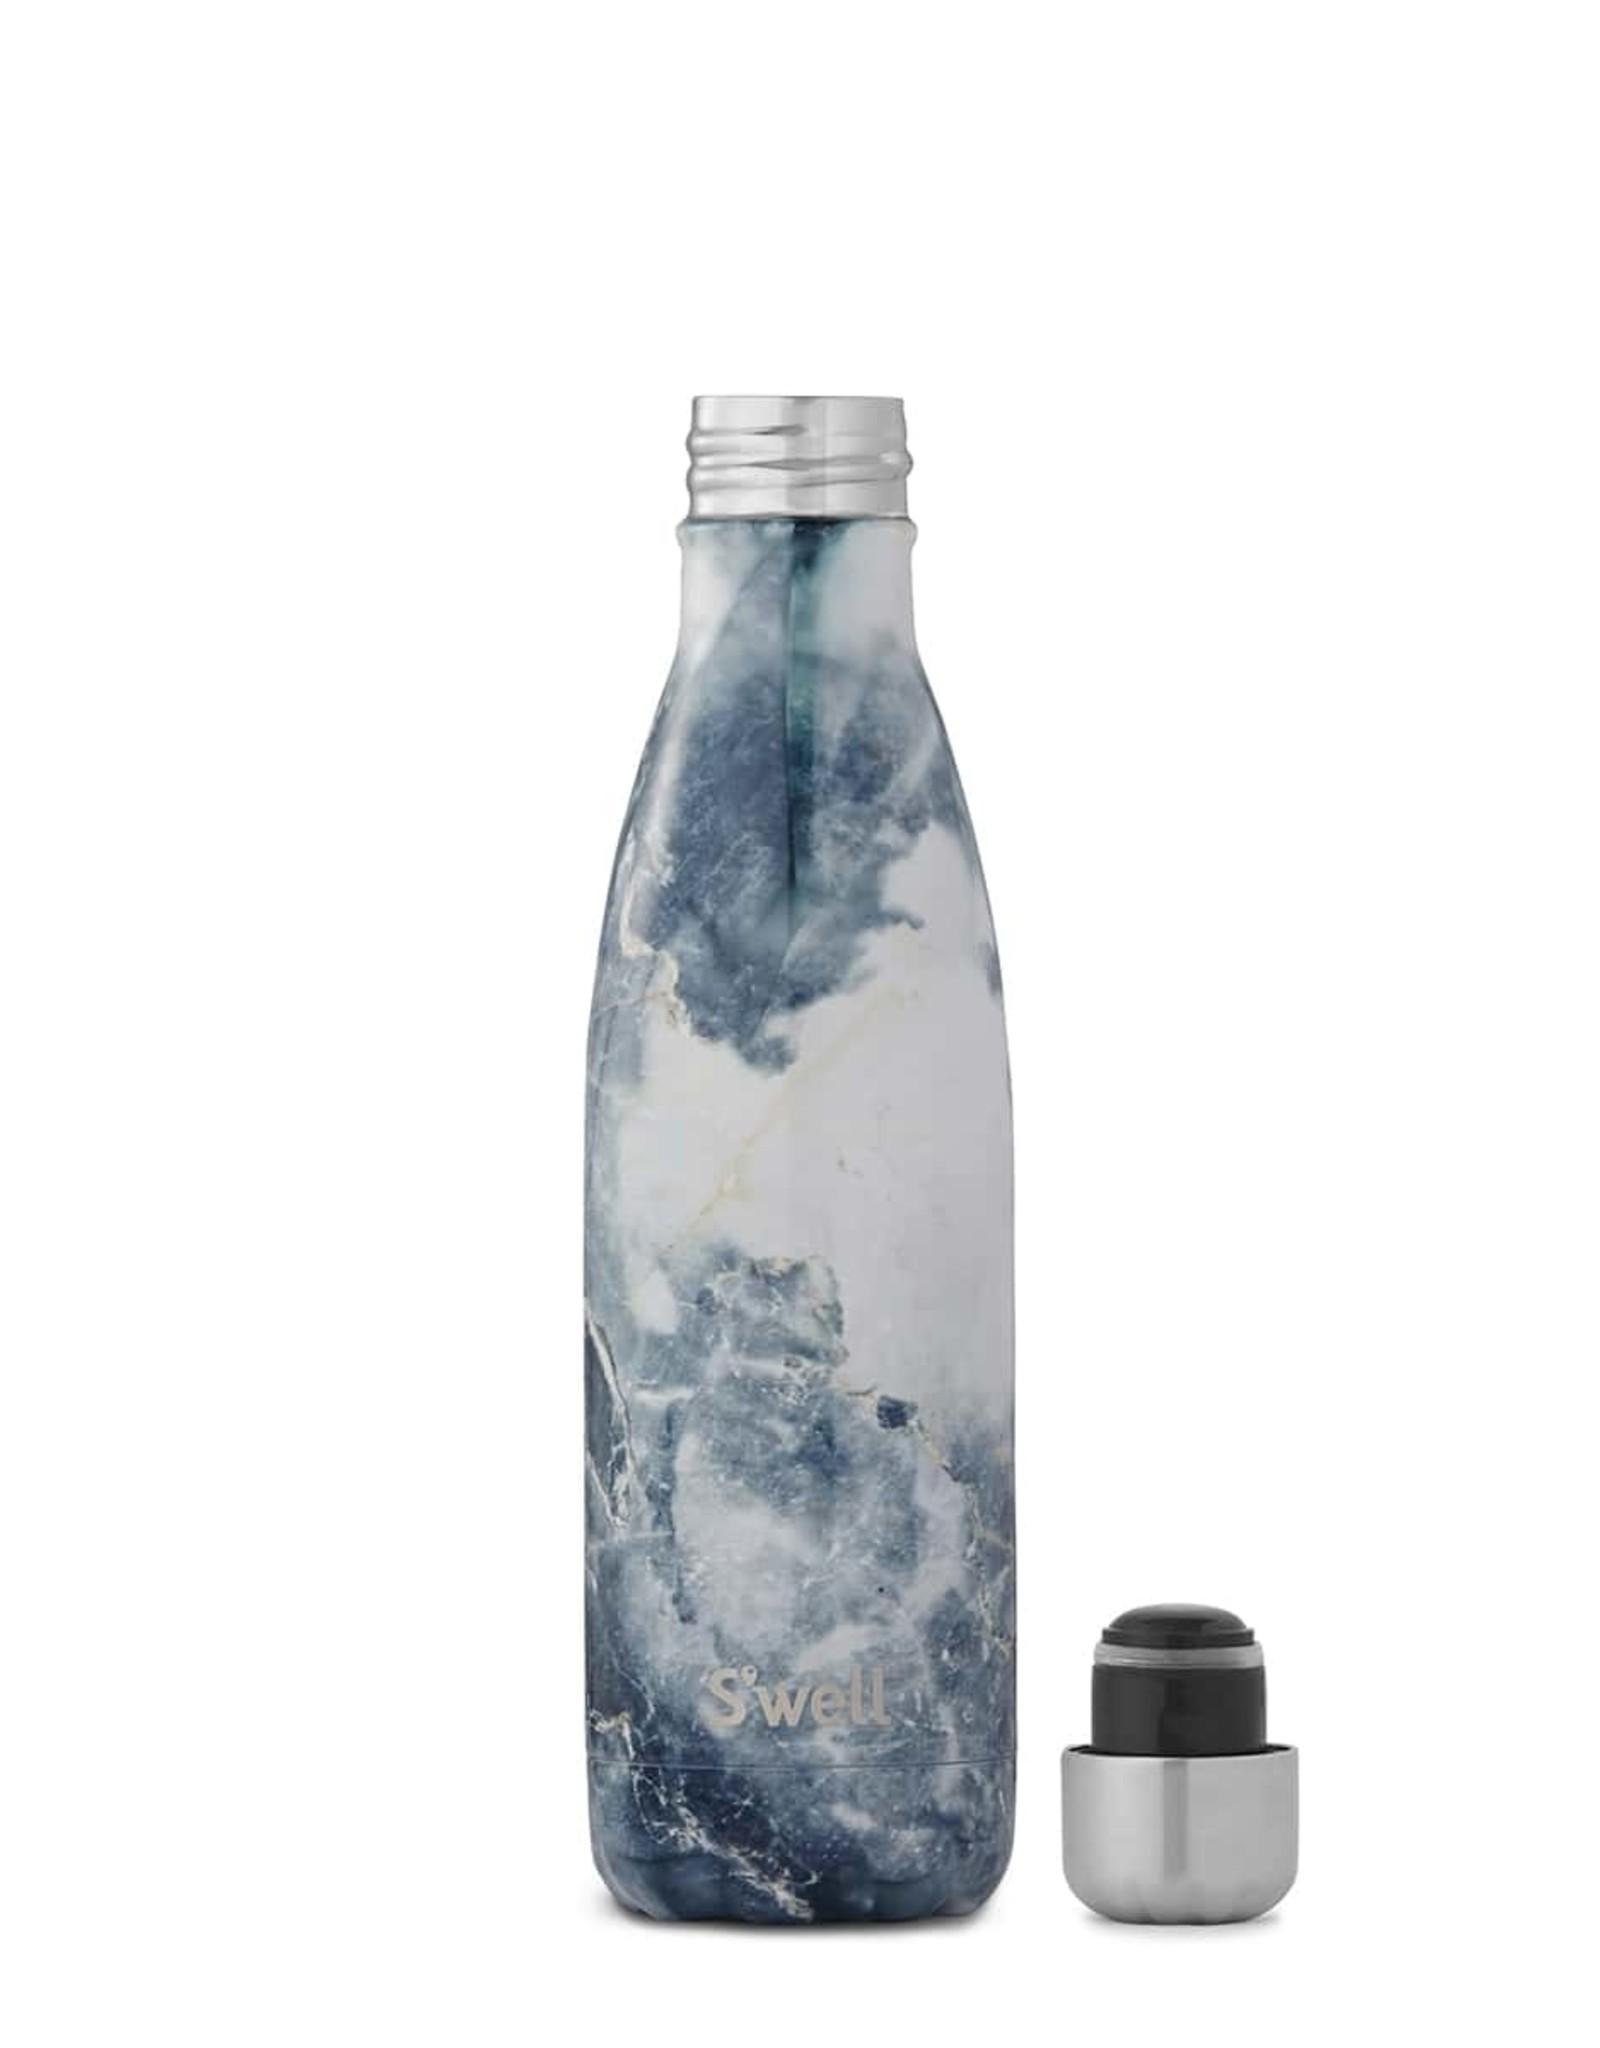 SWELL SWELL Bottle Blue Granite 9 oz.